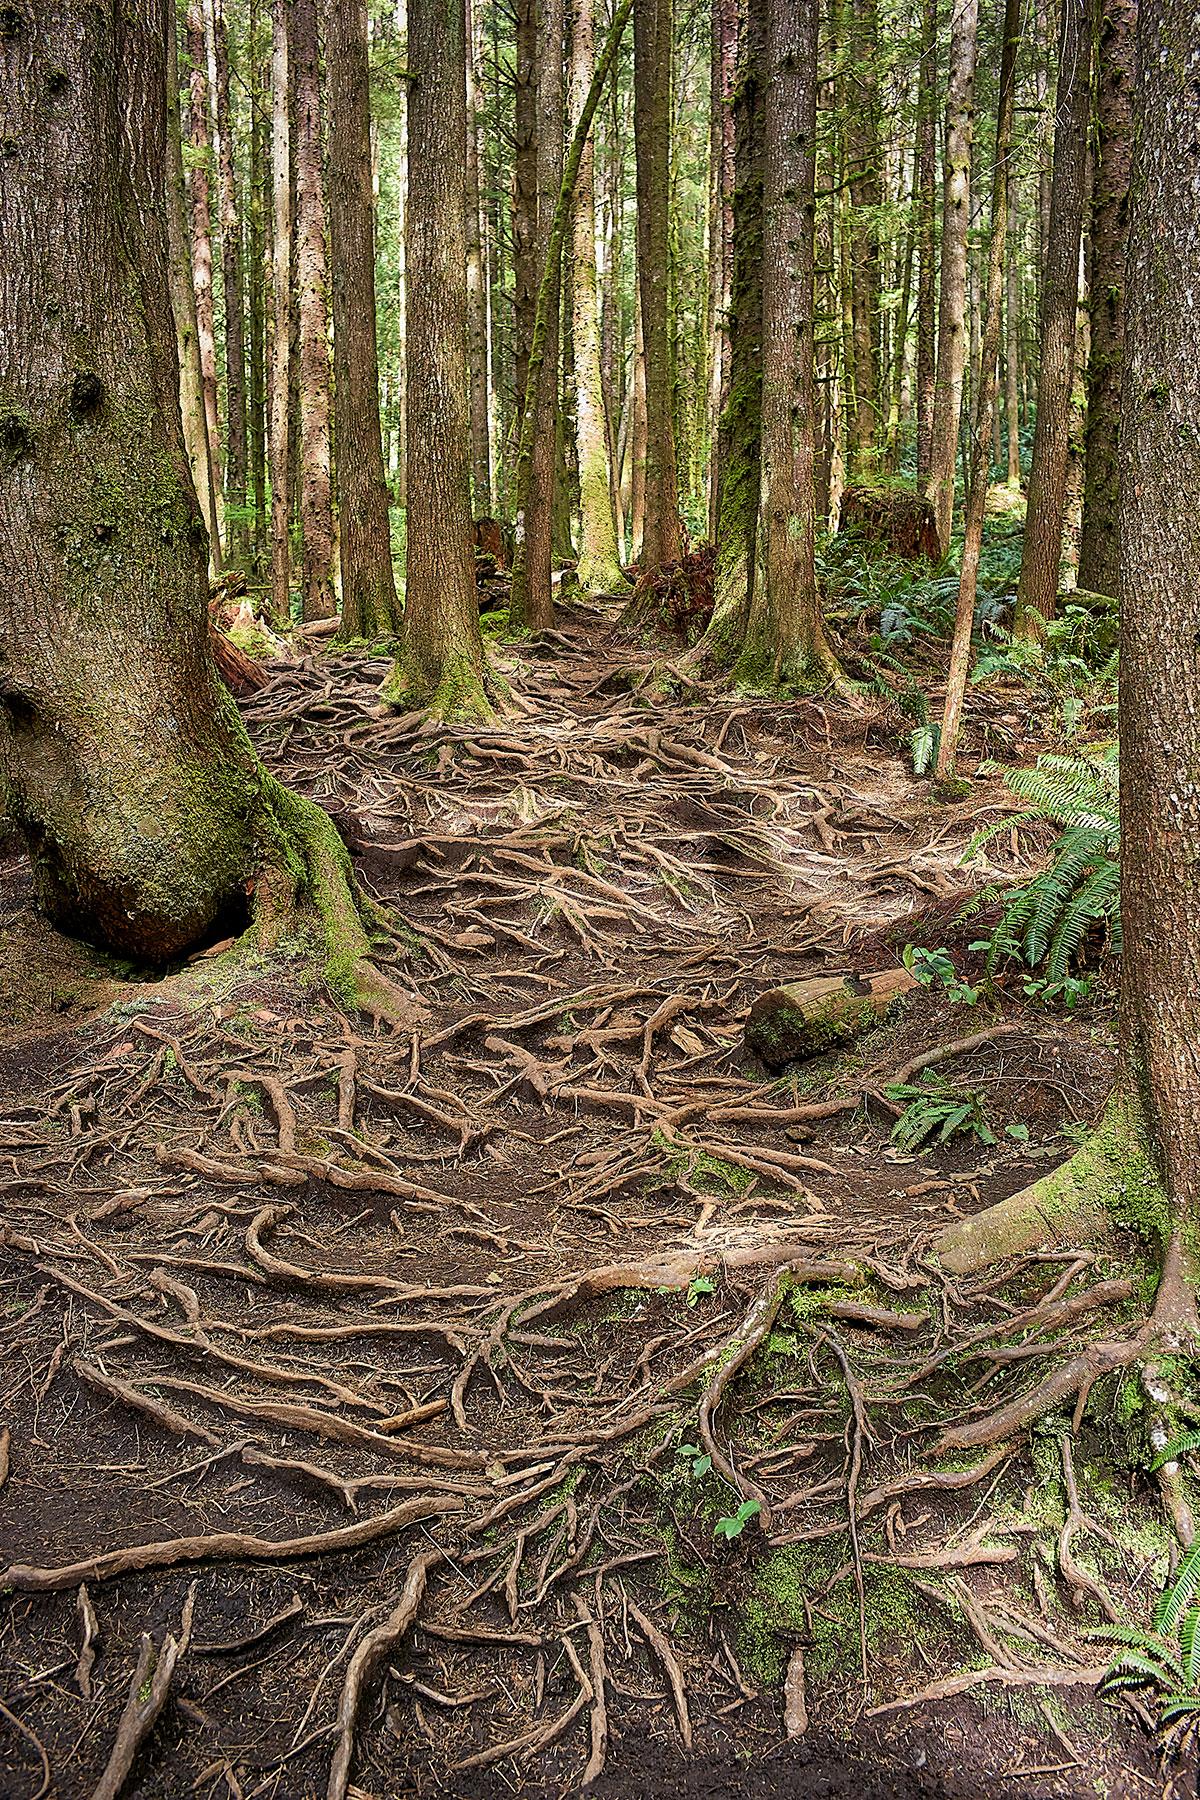 Juan-De-Fuca Trail © johncameron.ca